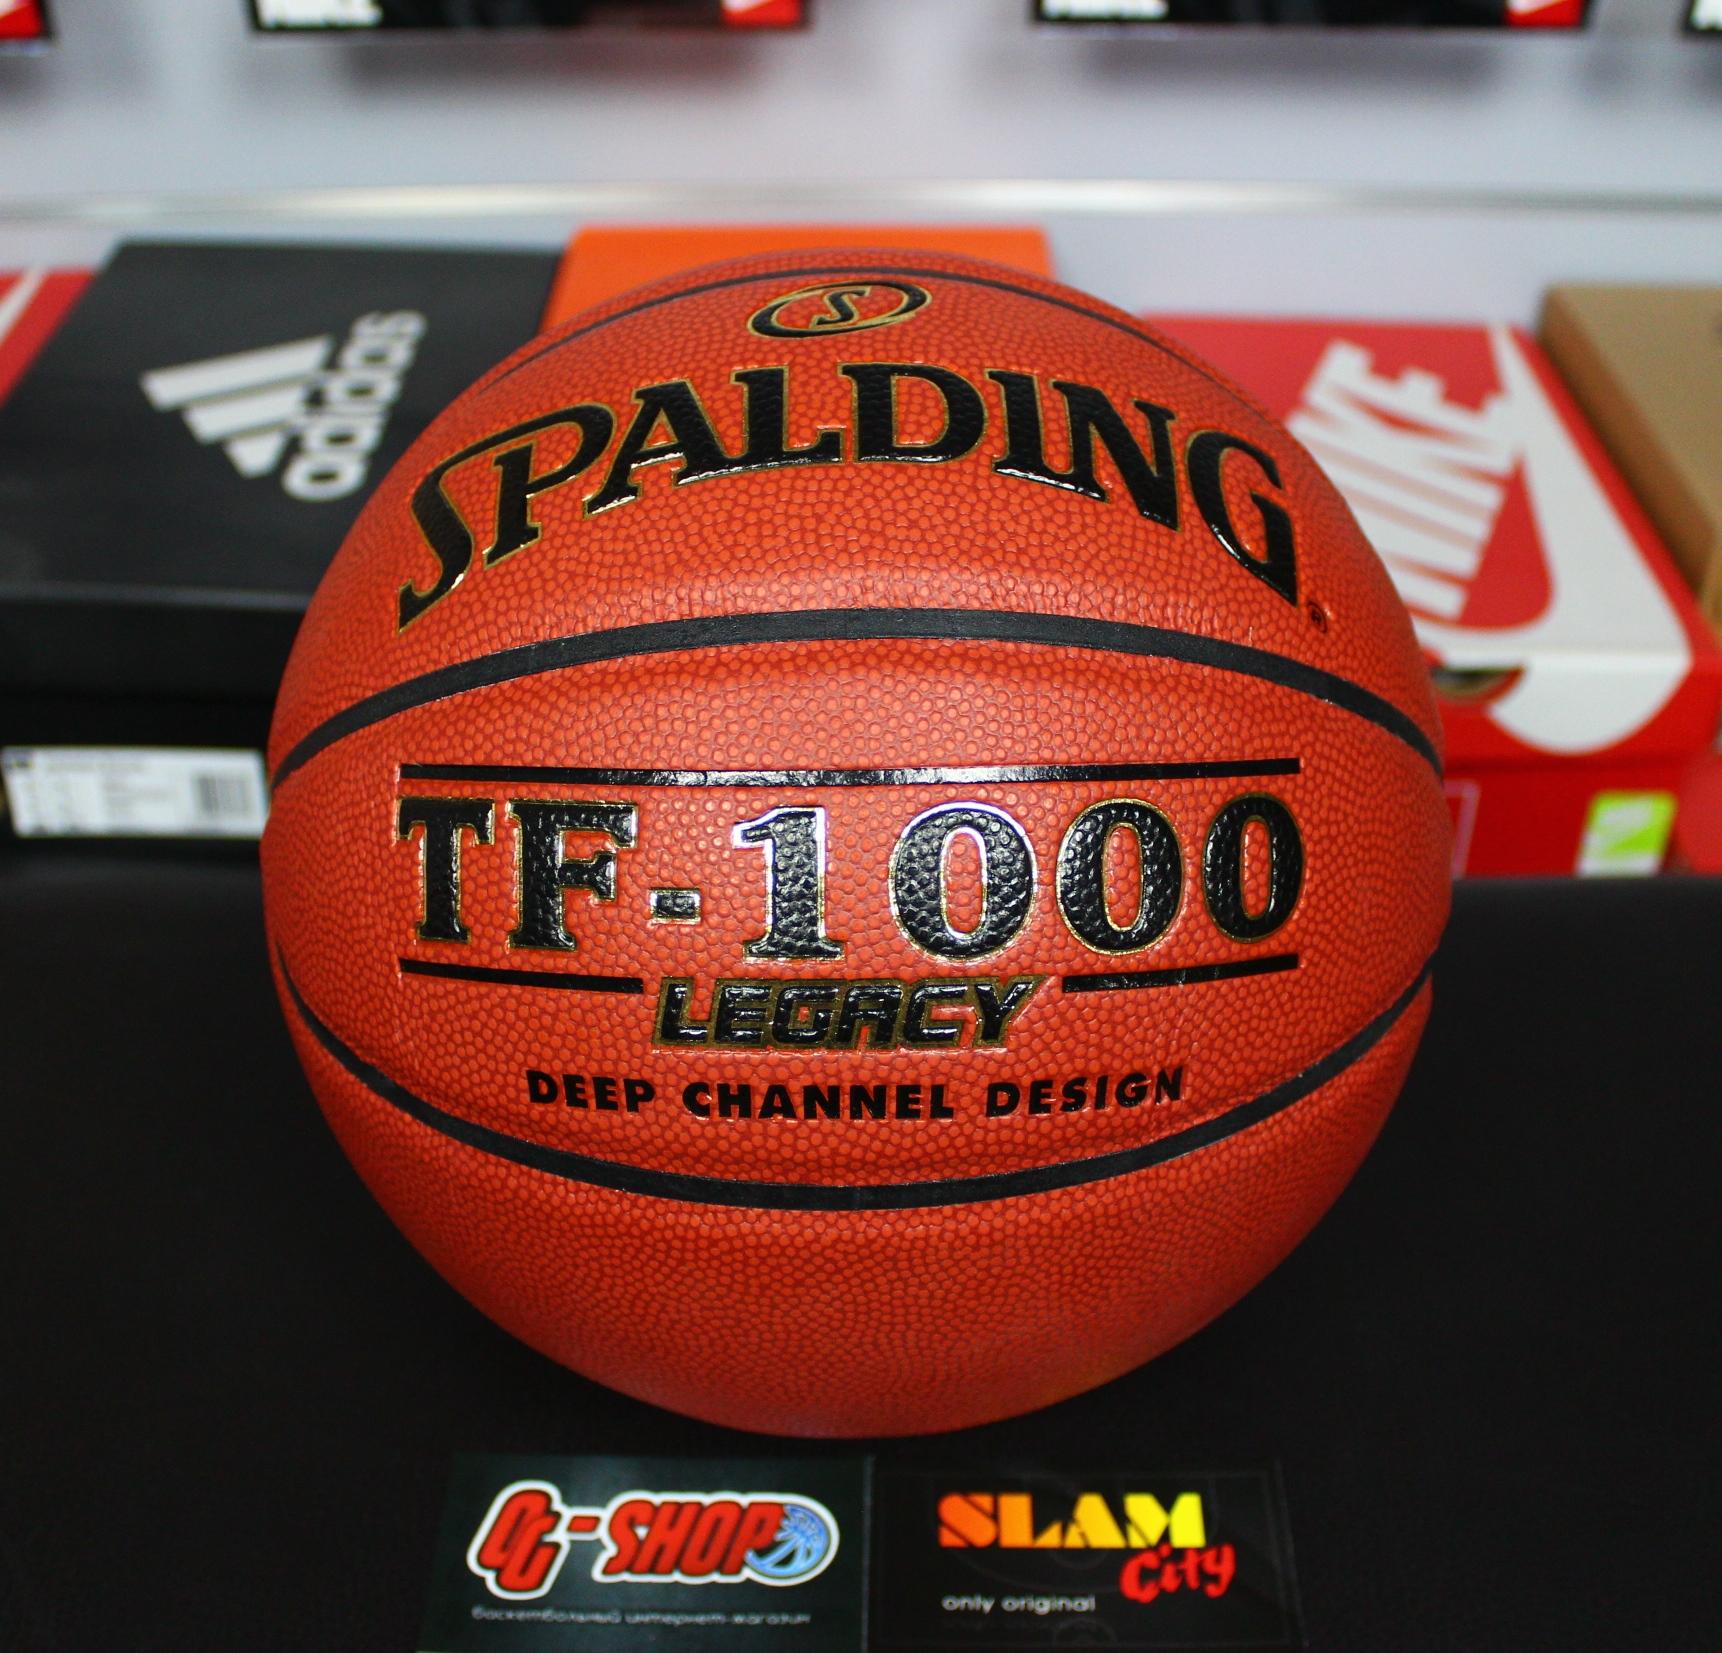 f6767c78 Купить Spalding TF-1000 Legacy - Баскетбольный Мяч []